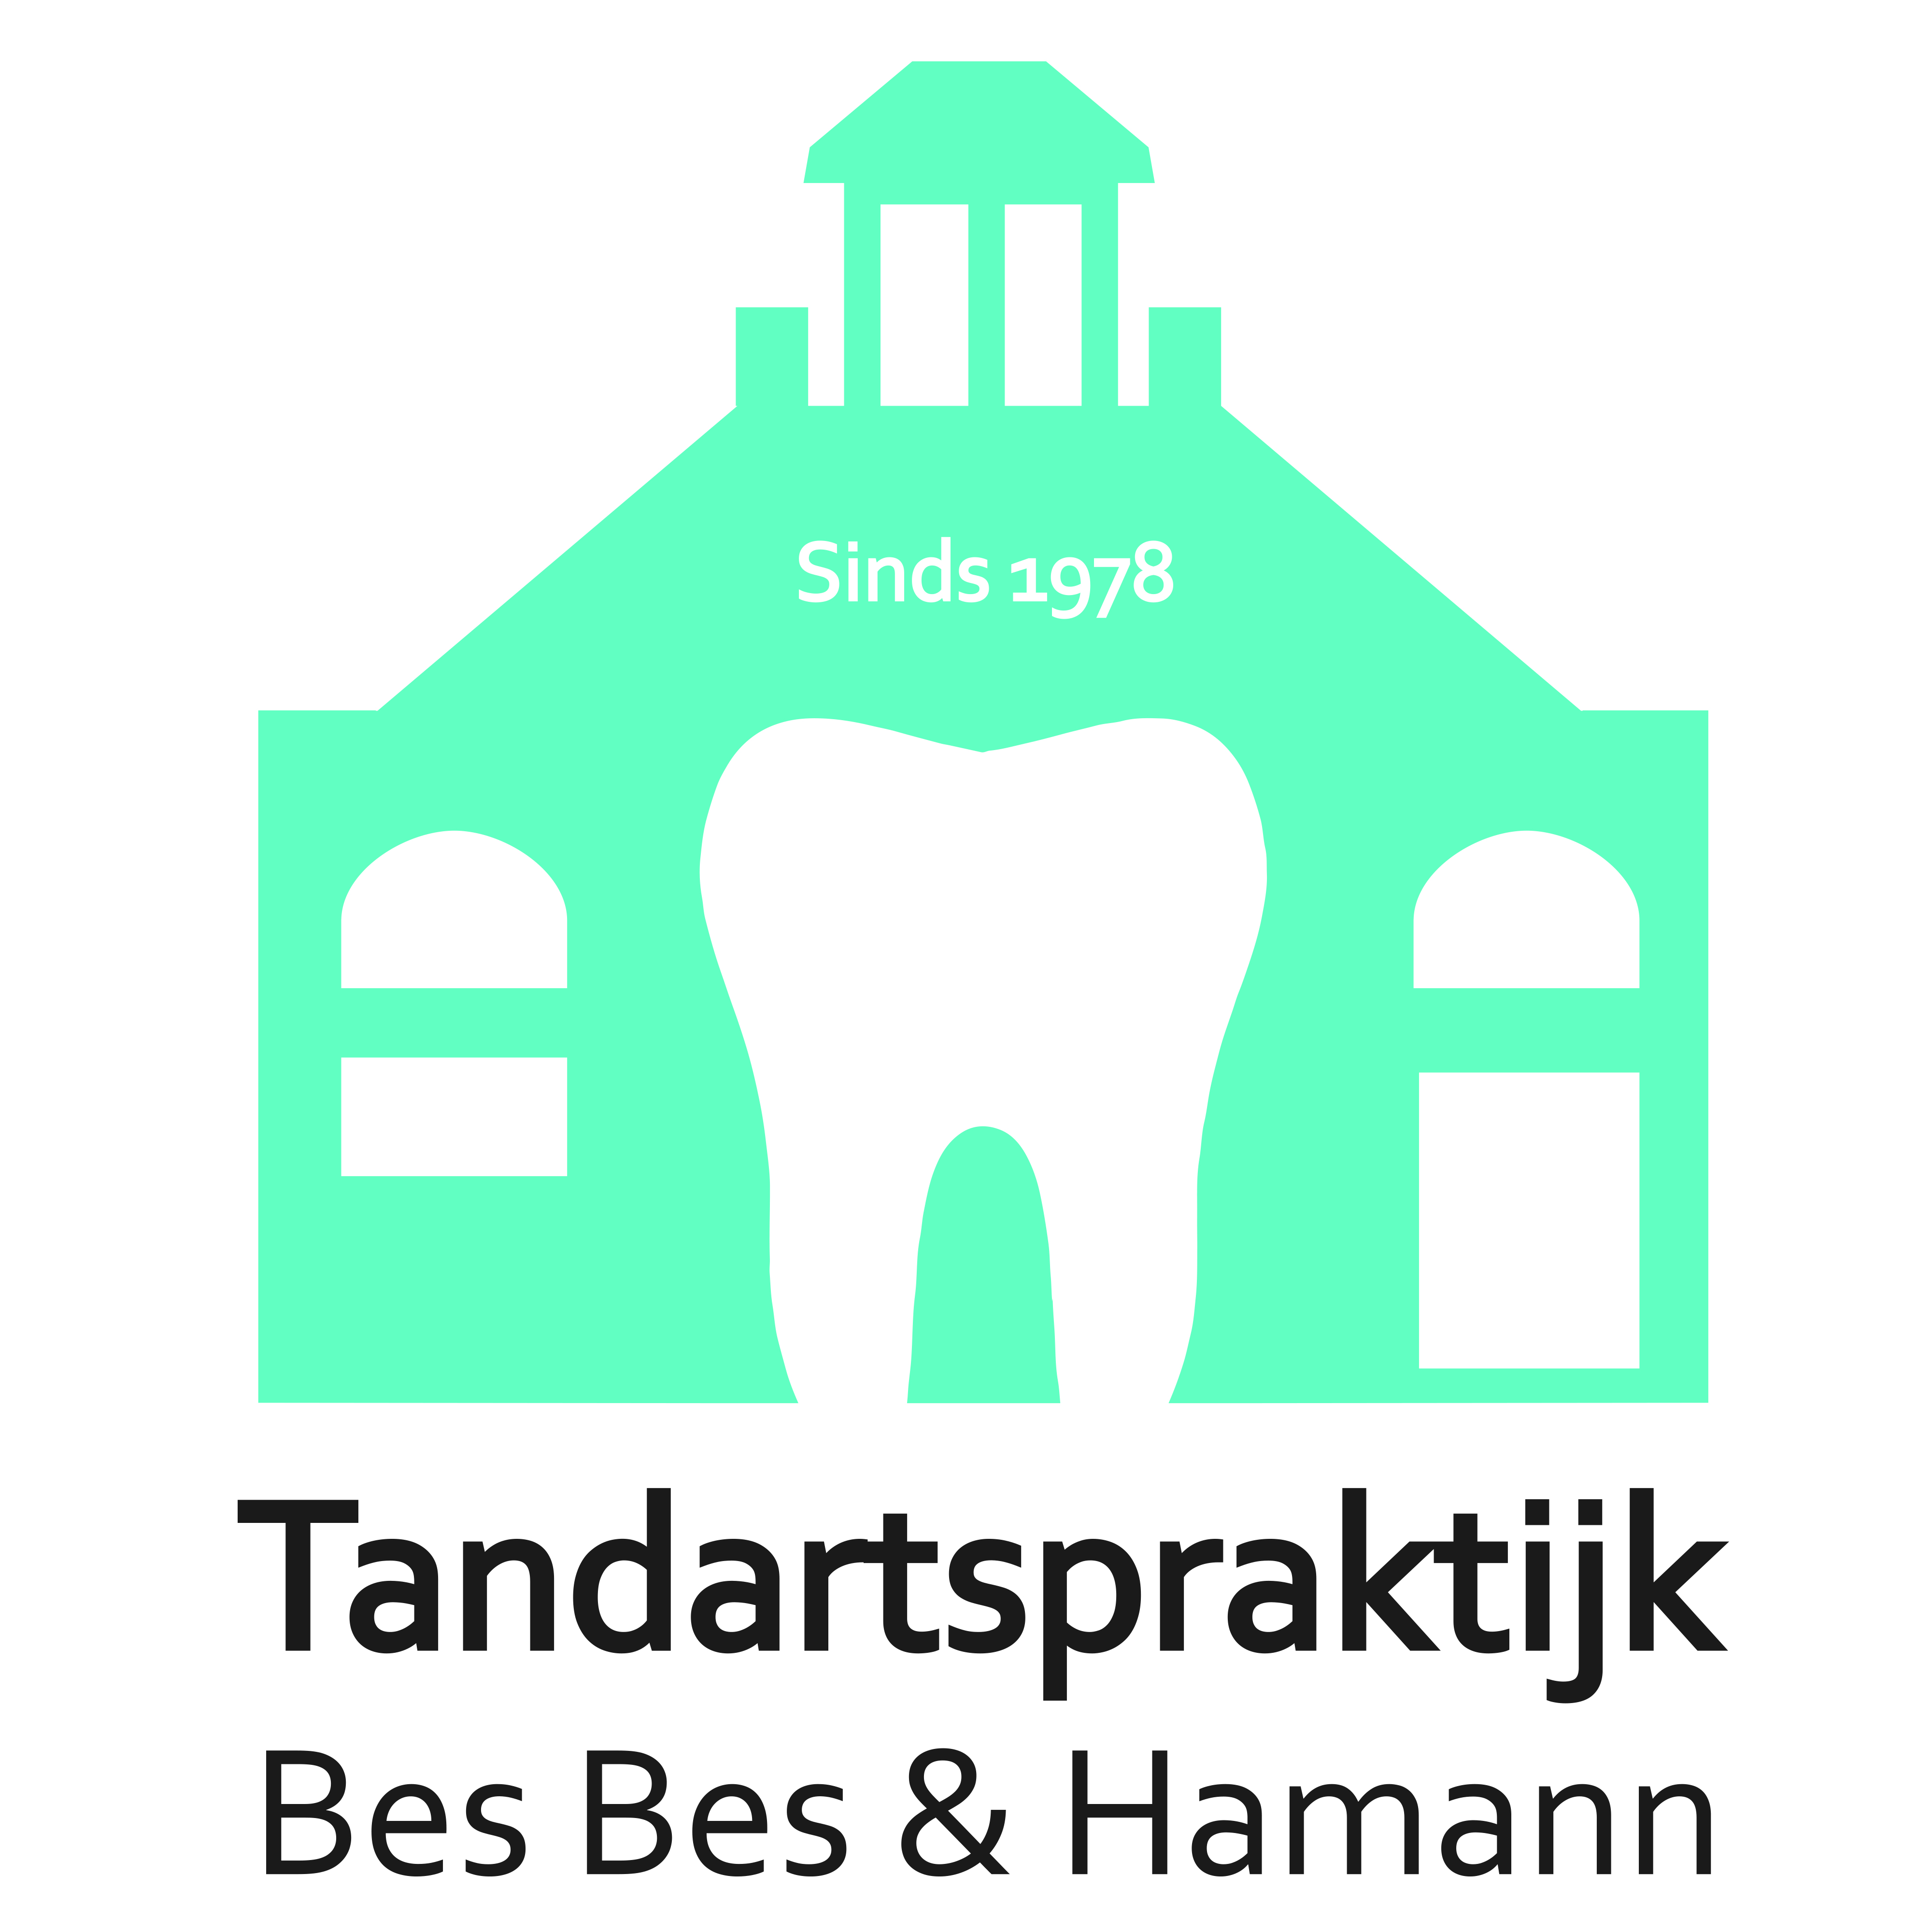 Tandartspraktijk Bes Bes & Hamann